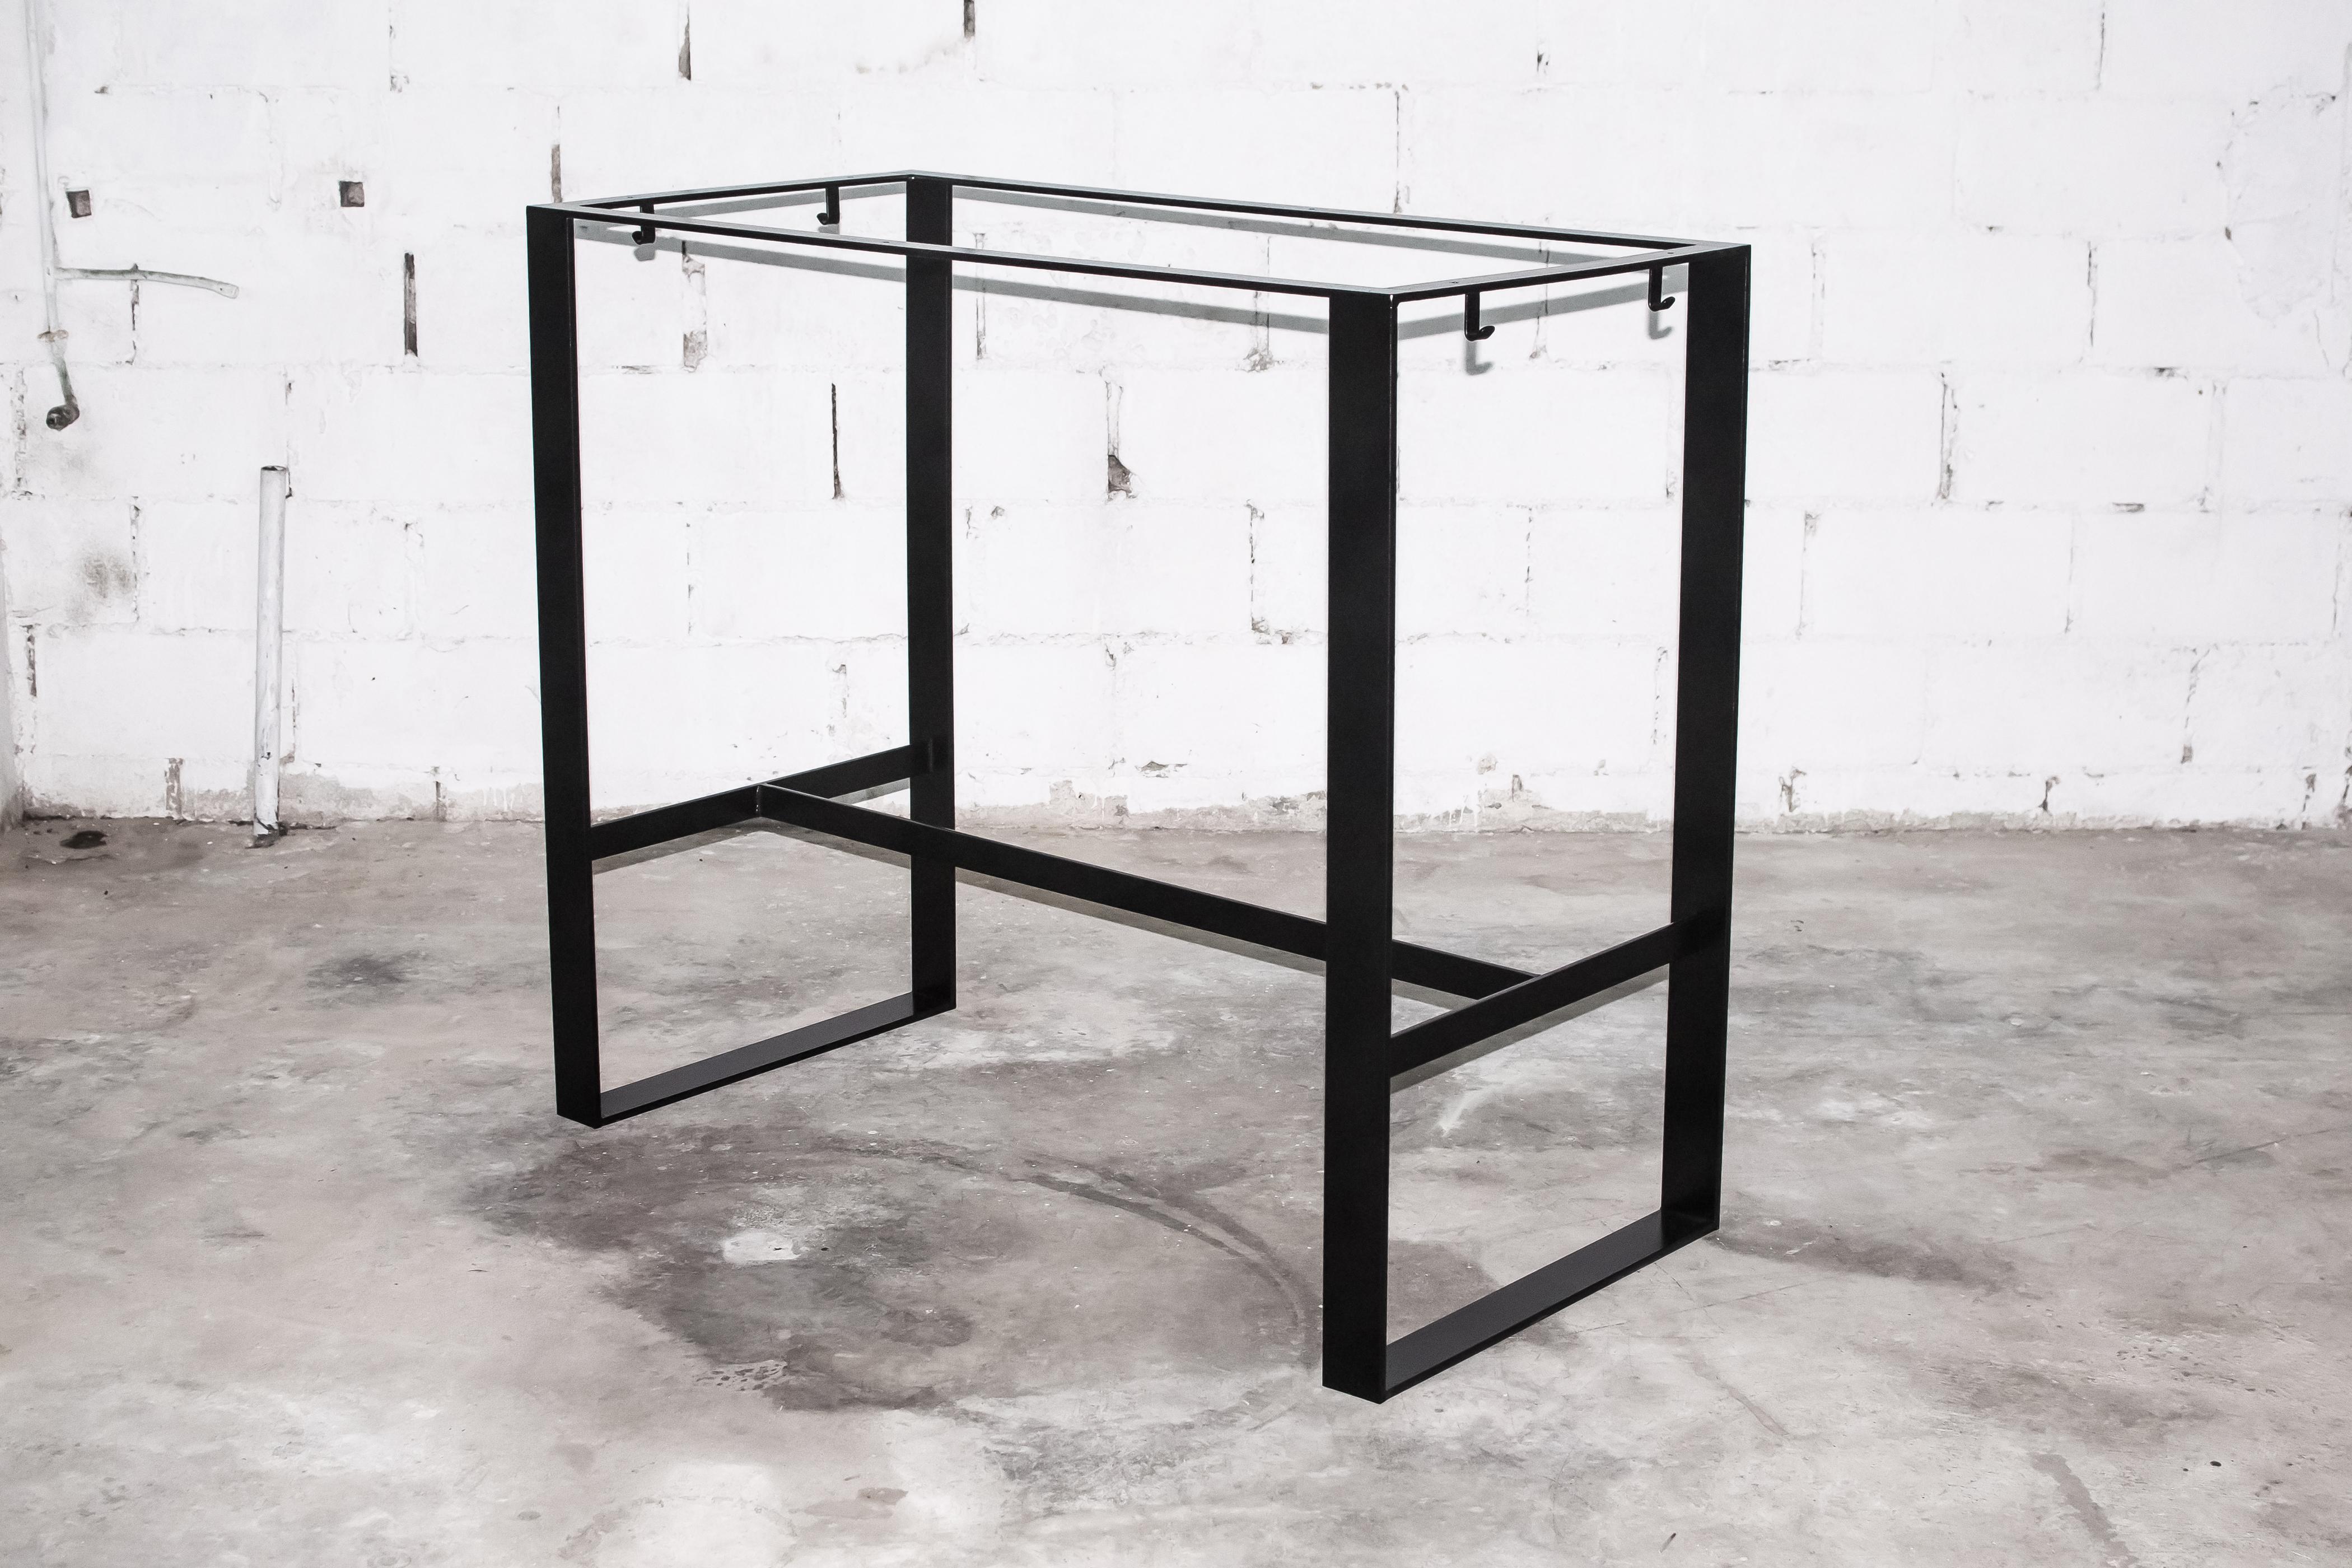 patas robustas de acero macizo Mobiliario Industrial